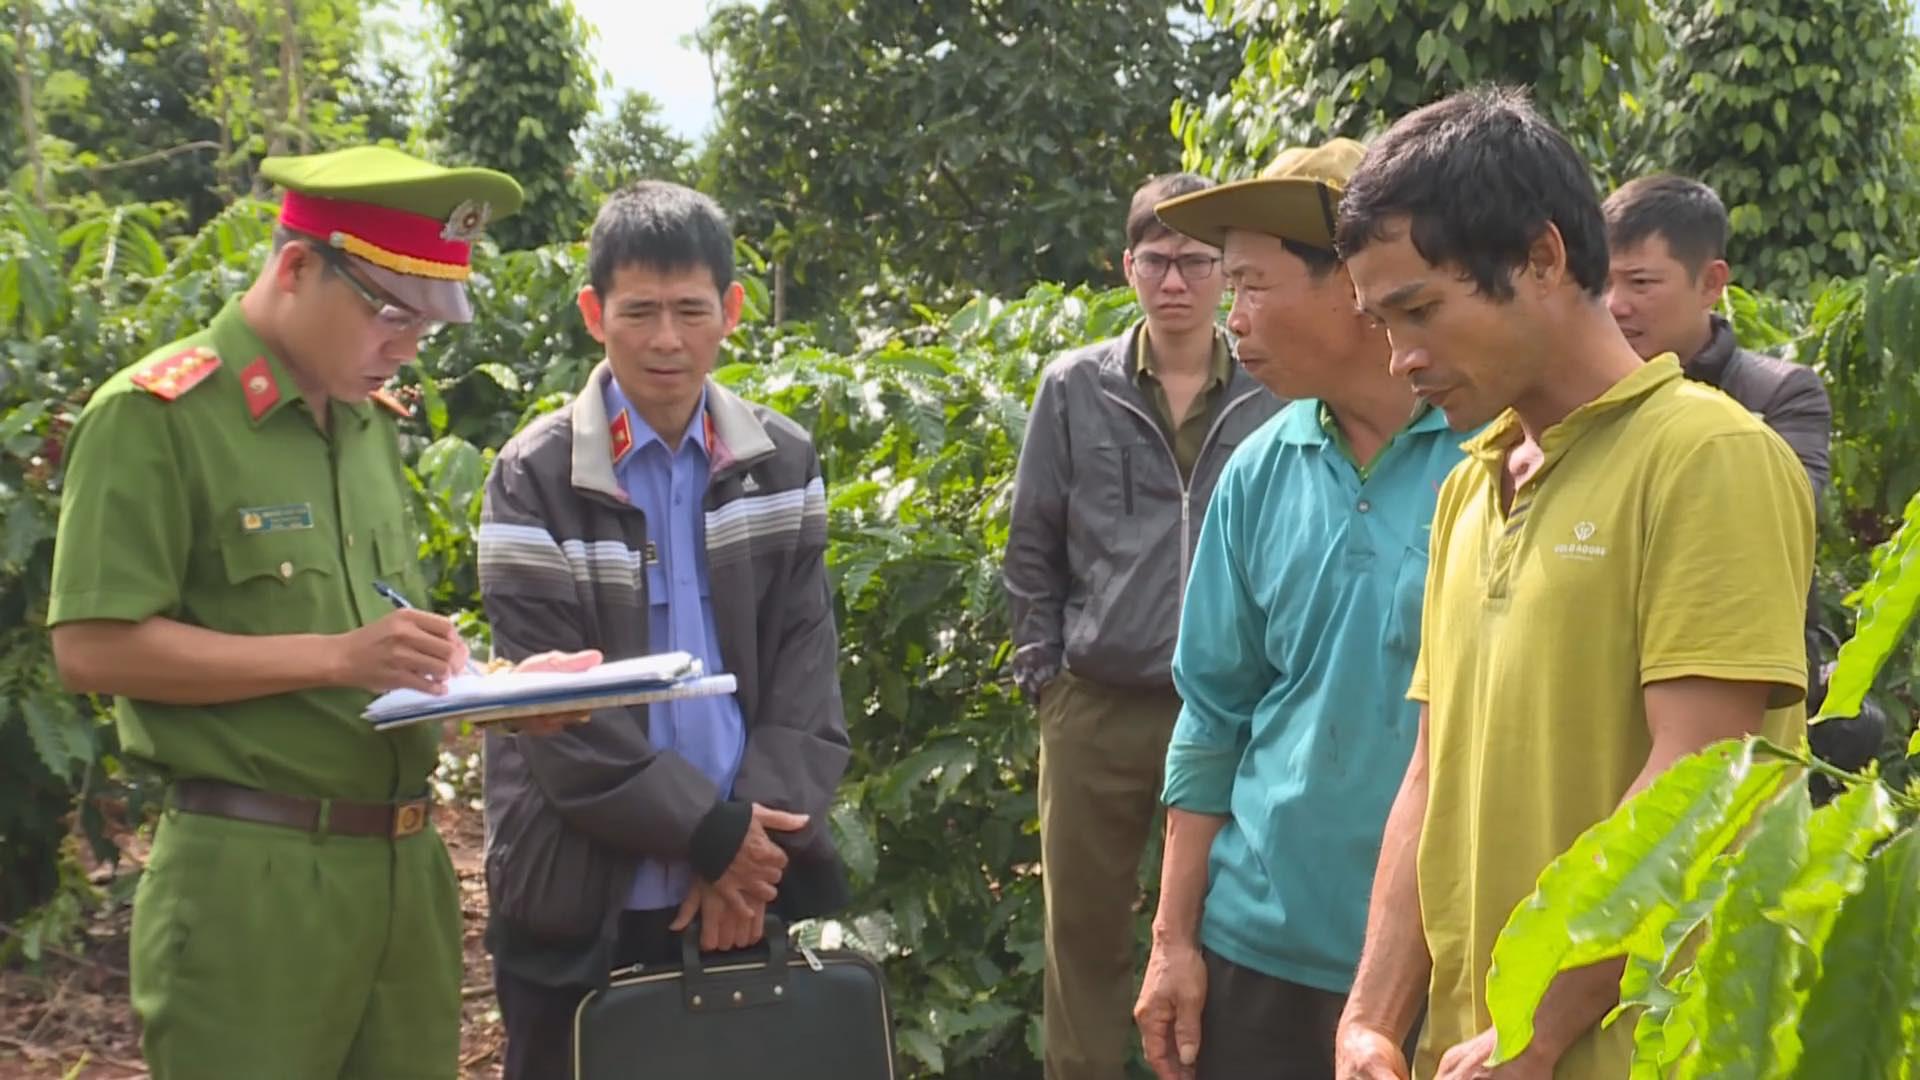 Đắk Lắk: Bắt đối tượng phá hoại cây trồng của người dân  - Ảnh 1.